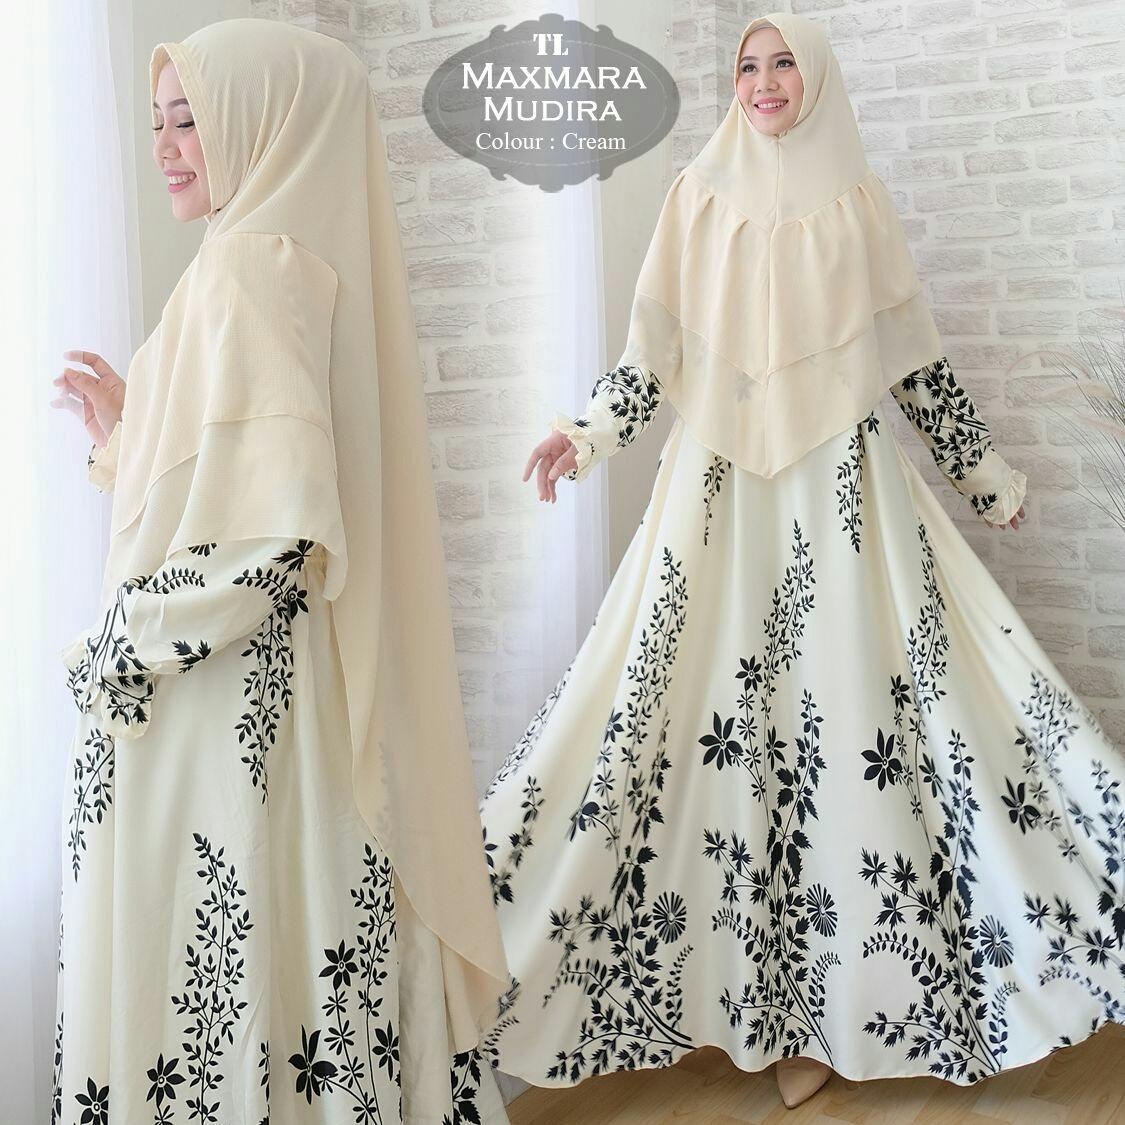 Jual Humaira99 Gamis Syari Jumbo Dress Hijab Muslimah Atasan Wanita Maxmara Mudira Xxl Murah Di Dki Jakarta